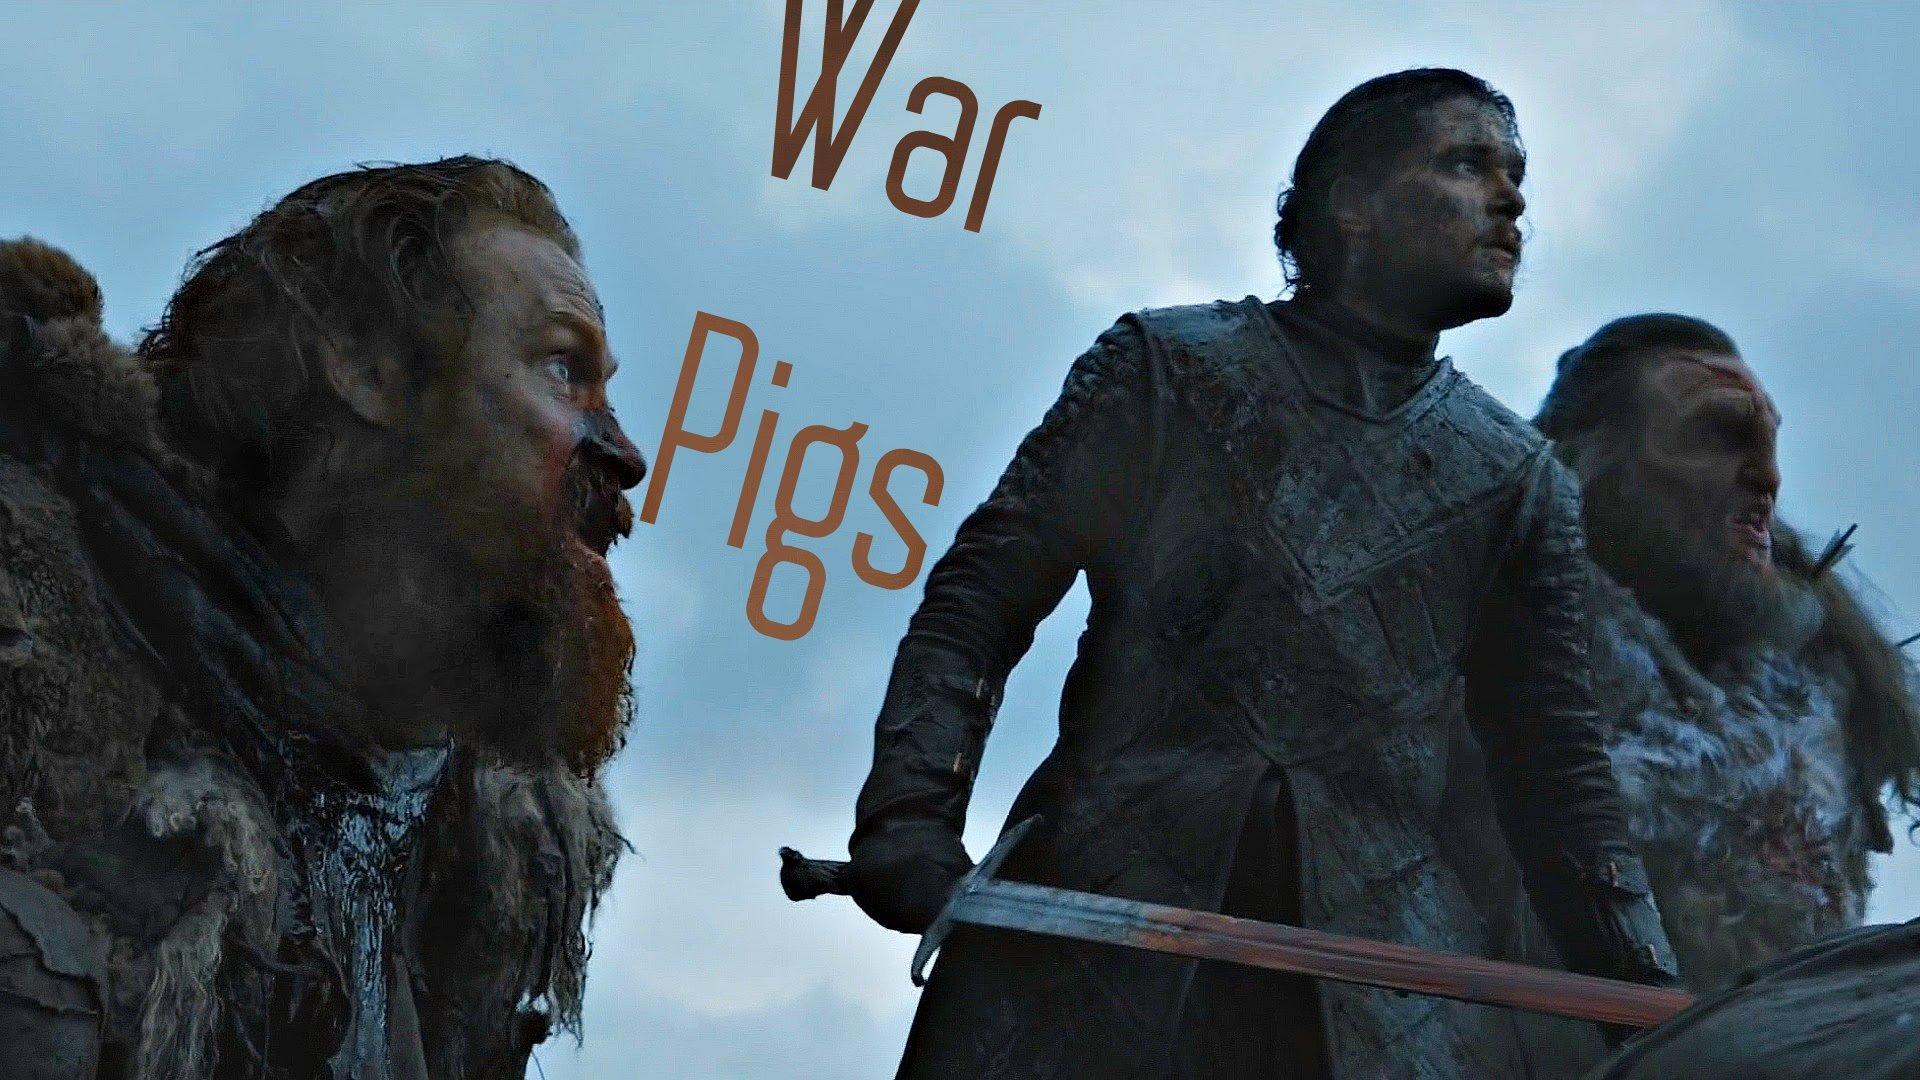 got war pigs